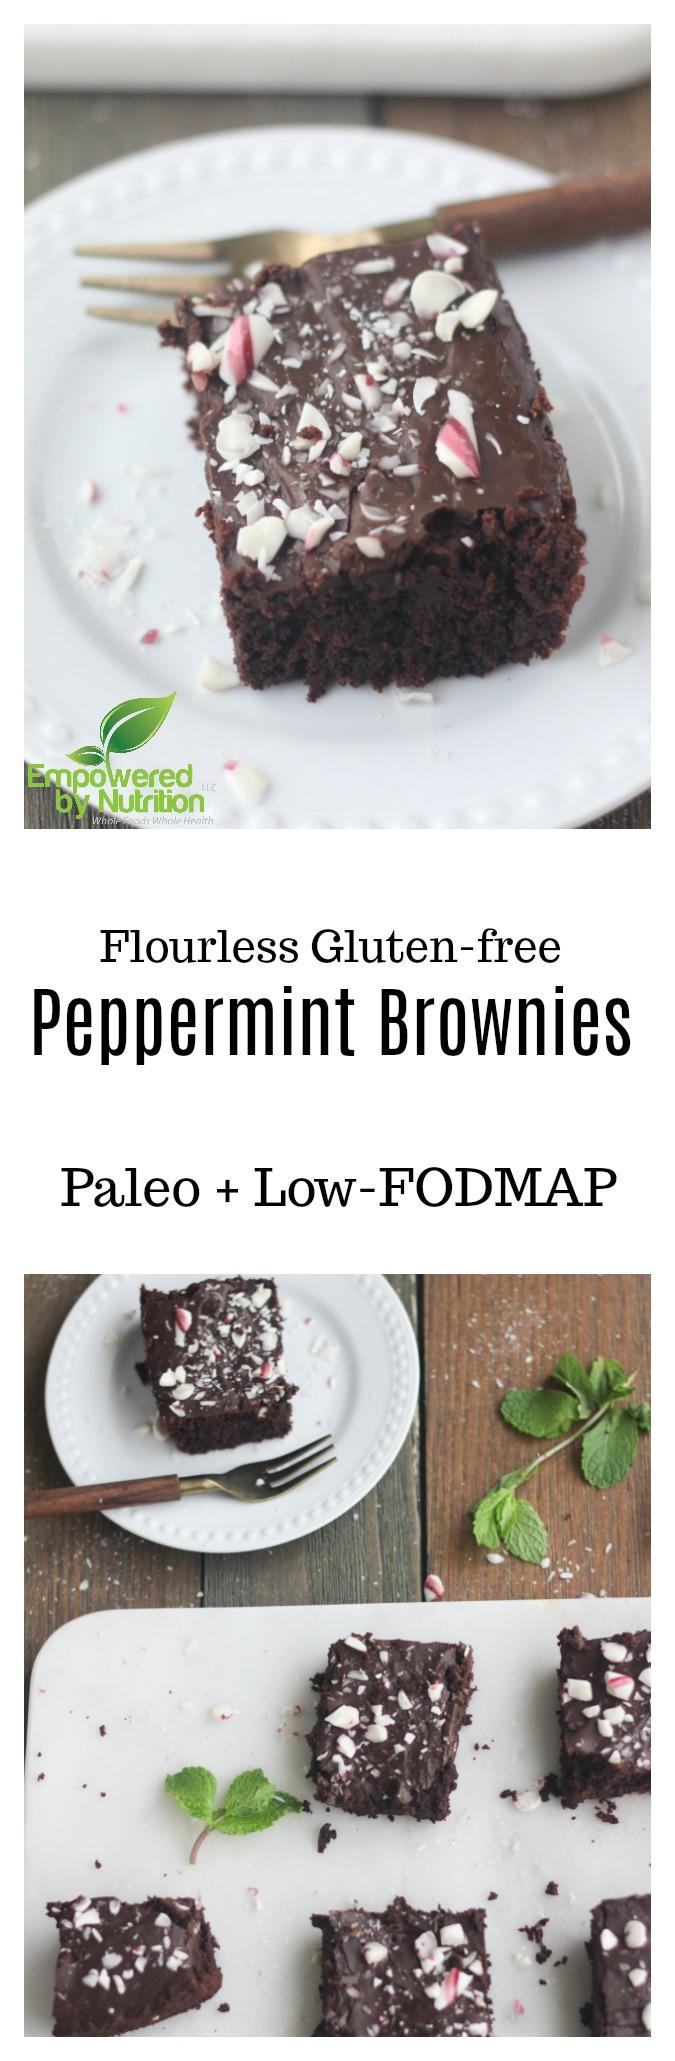 Peppermintbrownies.jpgGluten-free Paleo peppermint brownies dairy-free grain-free Christmas recipe